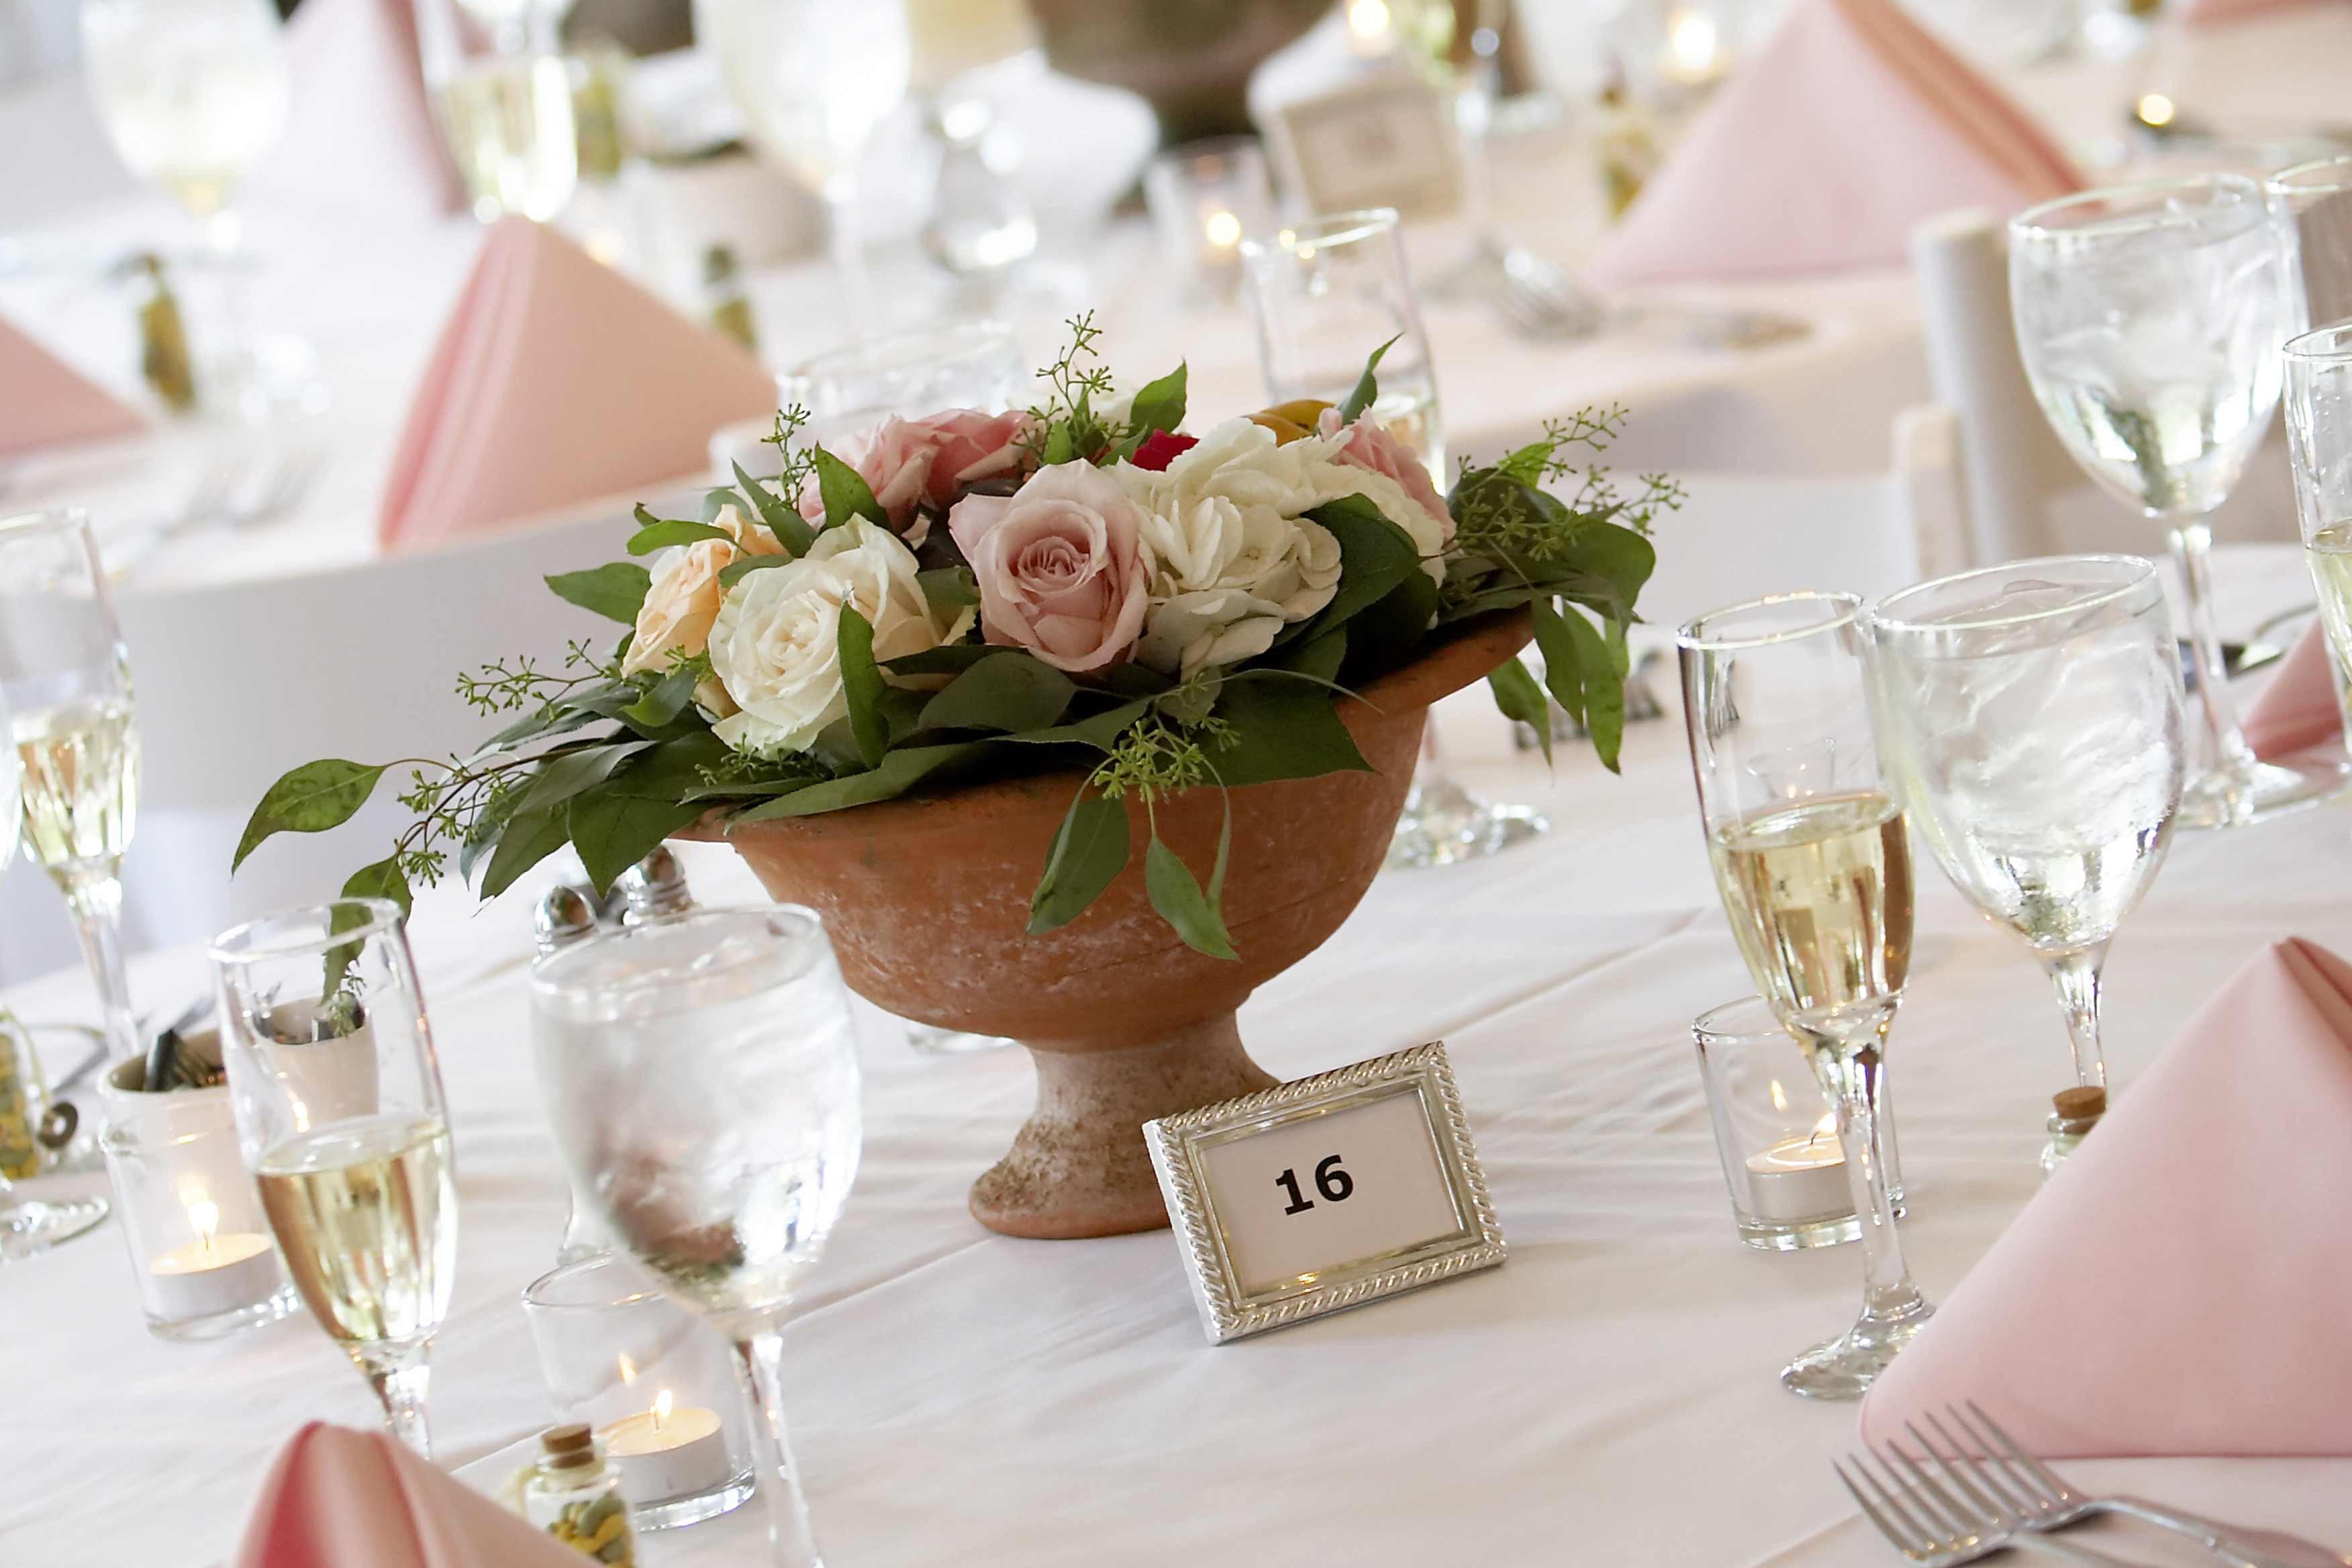 Hochzeit Blumendeko  Blumendeko Hochzeit mit Rosen Bildergalerie